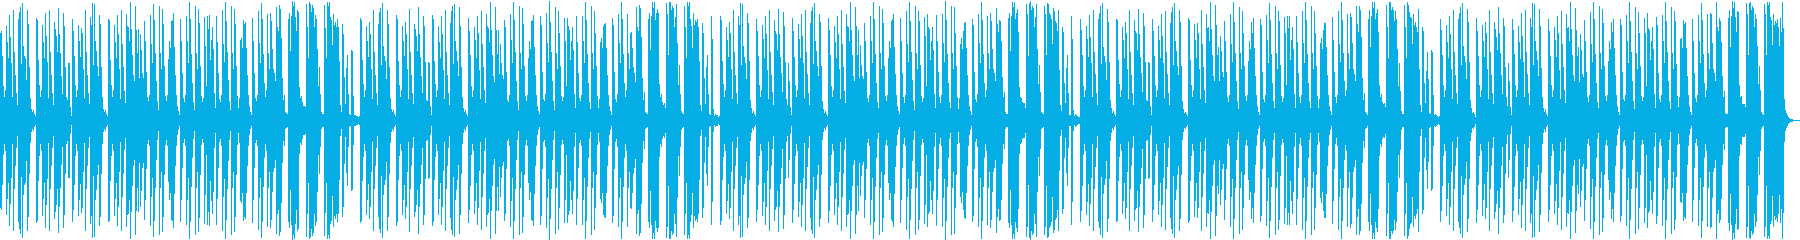 ほのぼのしたマリンバが印象的なBGMの再生済みの波形